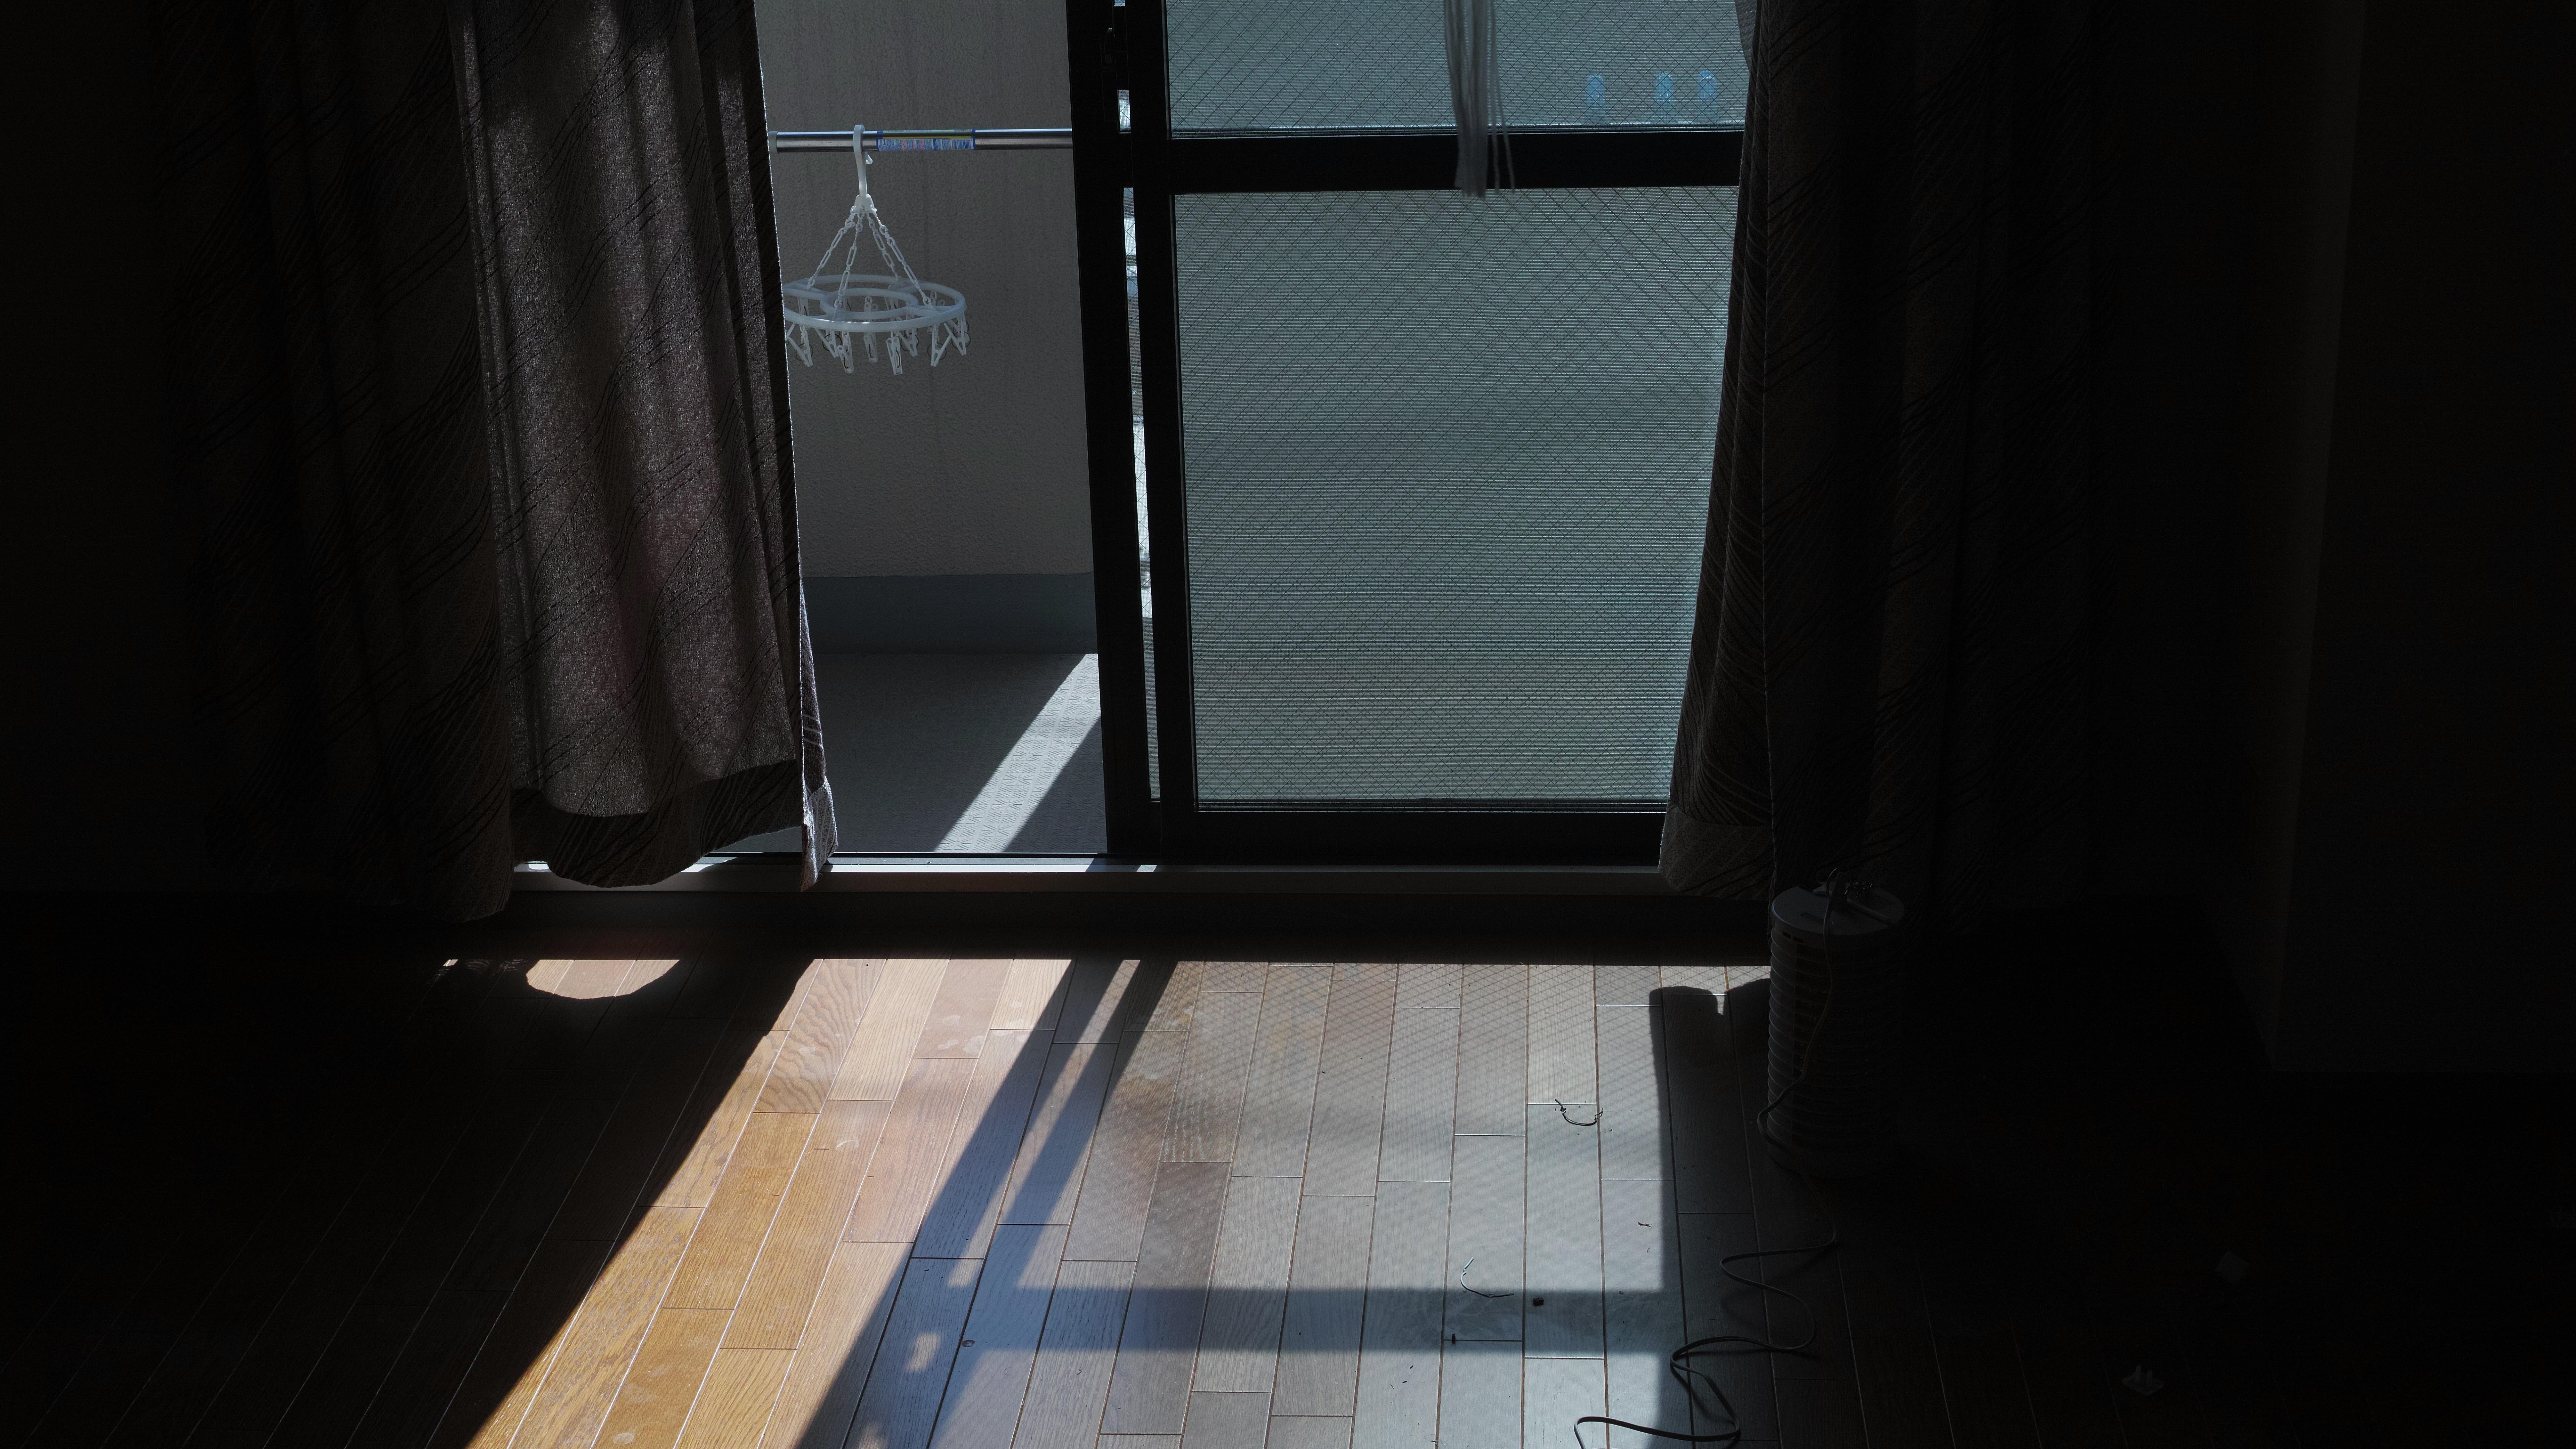 ▲房間,居家,臥室 。(圖/取自免費圖庫pakutaso)